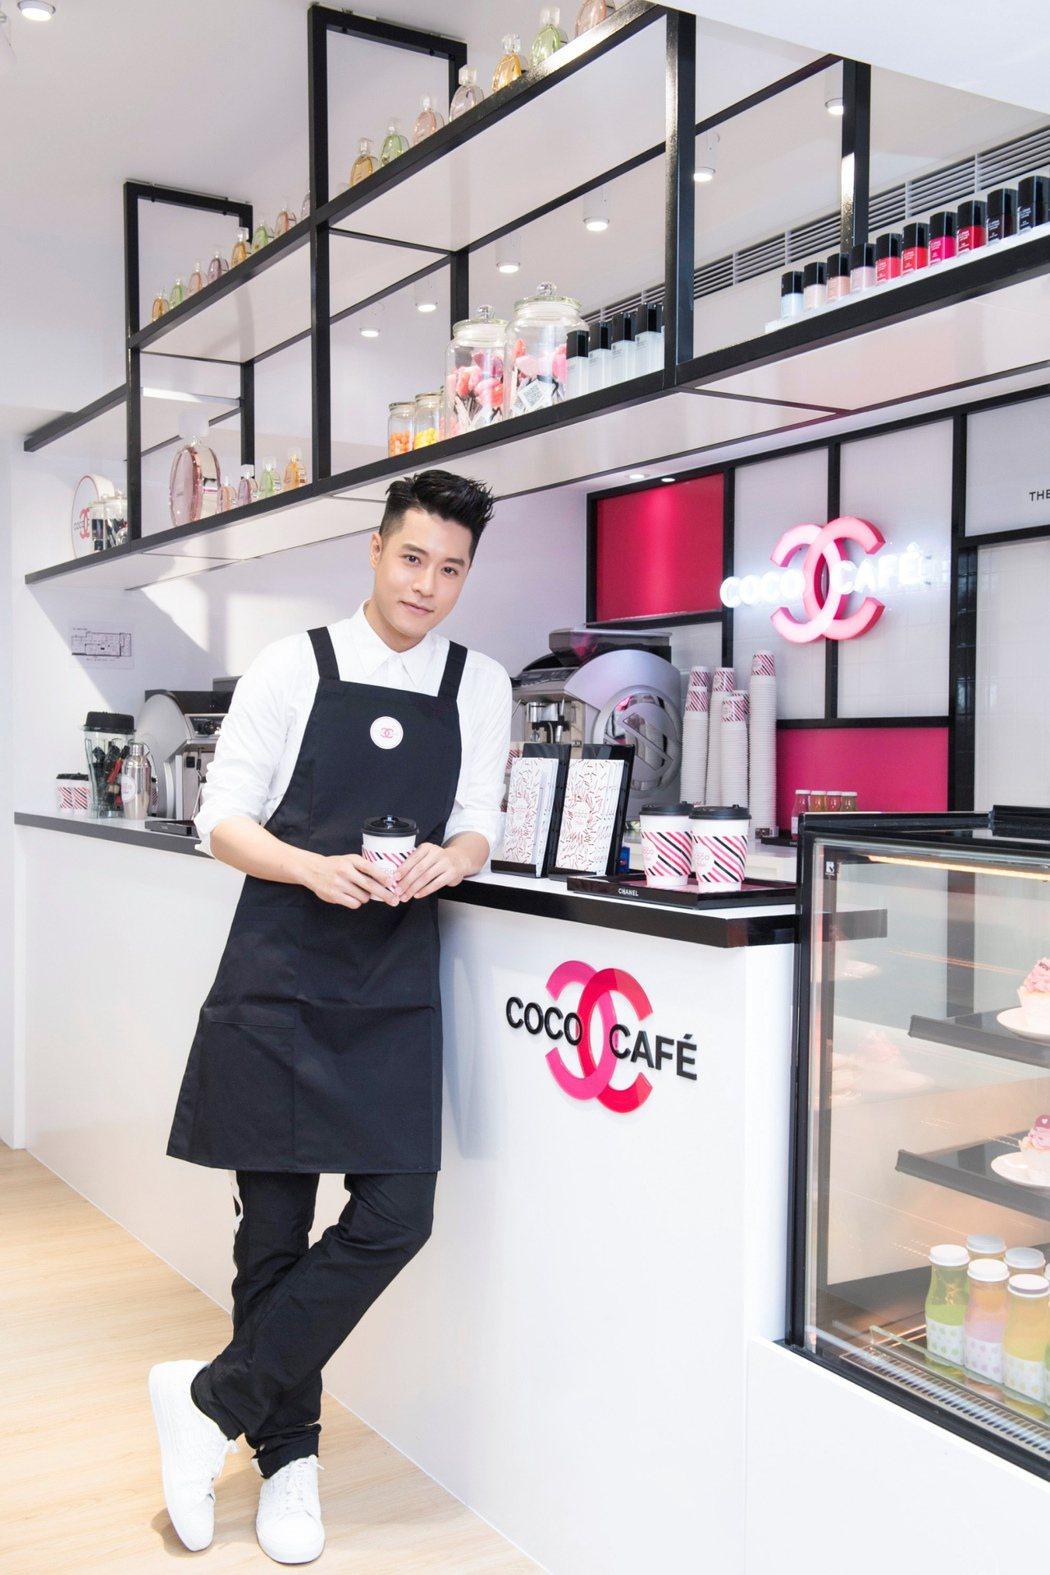 周湯豪現身COCO CAFÉ,親切化身咖啡師,為周六下午茶時光添驚喜。圖/CHA...